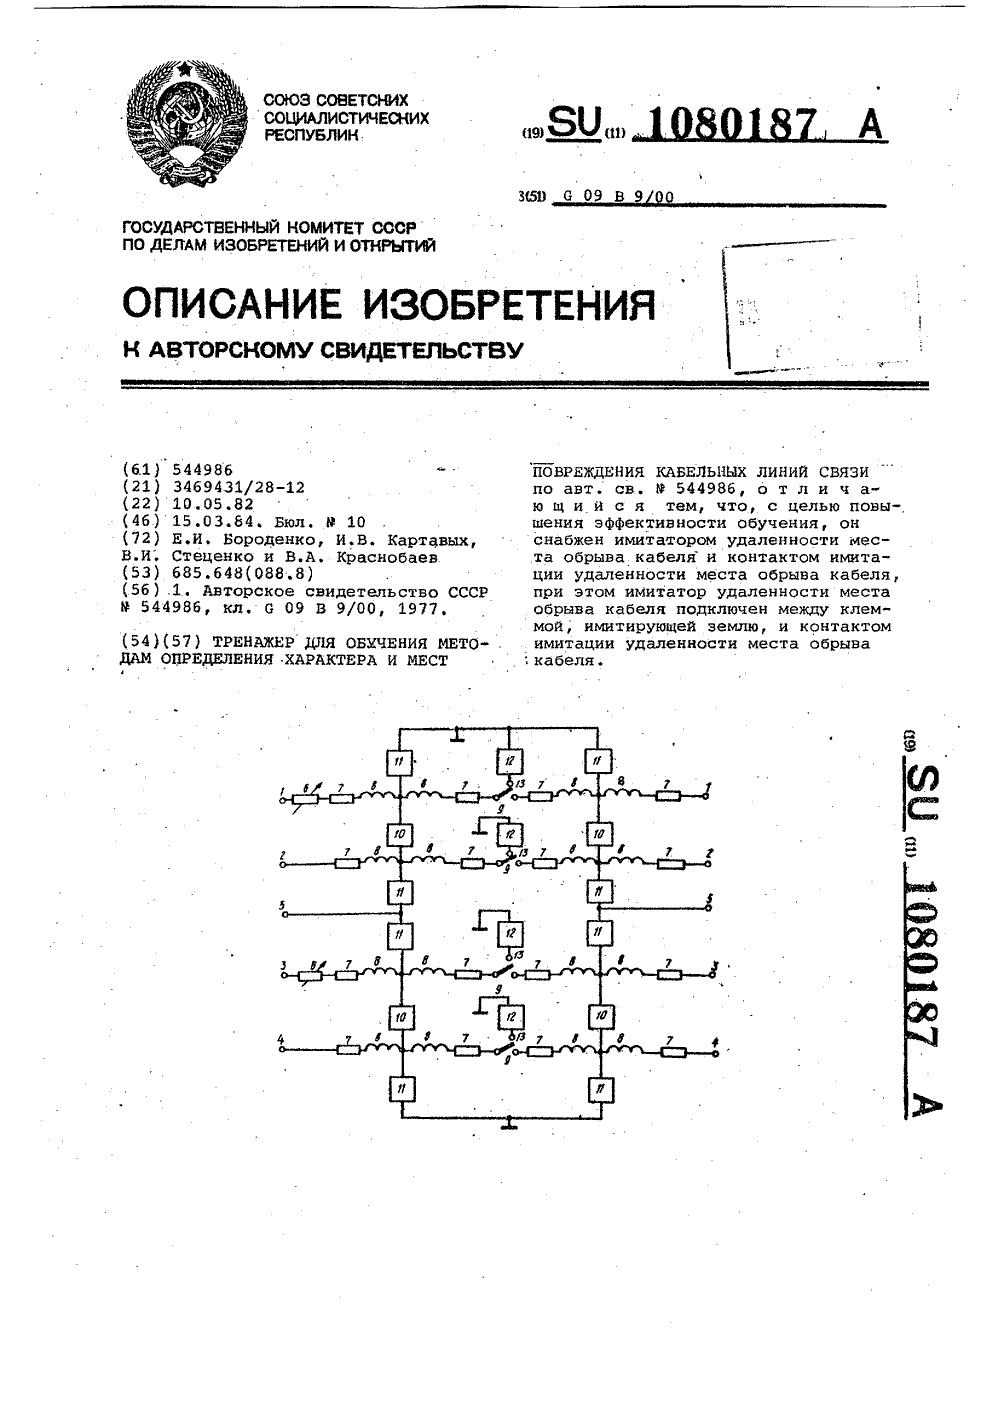 кабельный прибор р5 10 h схемы